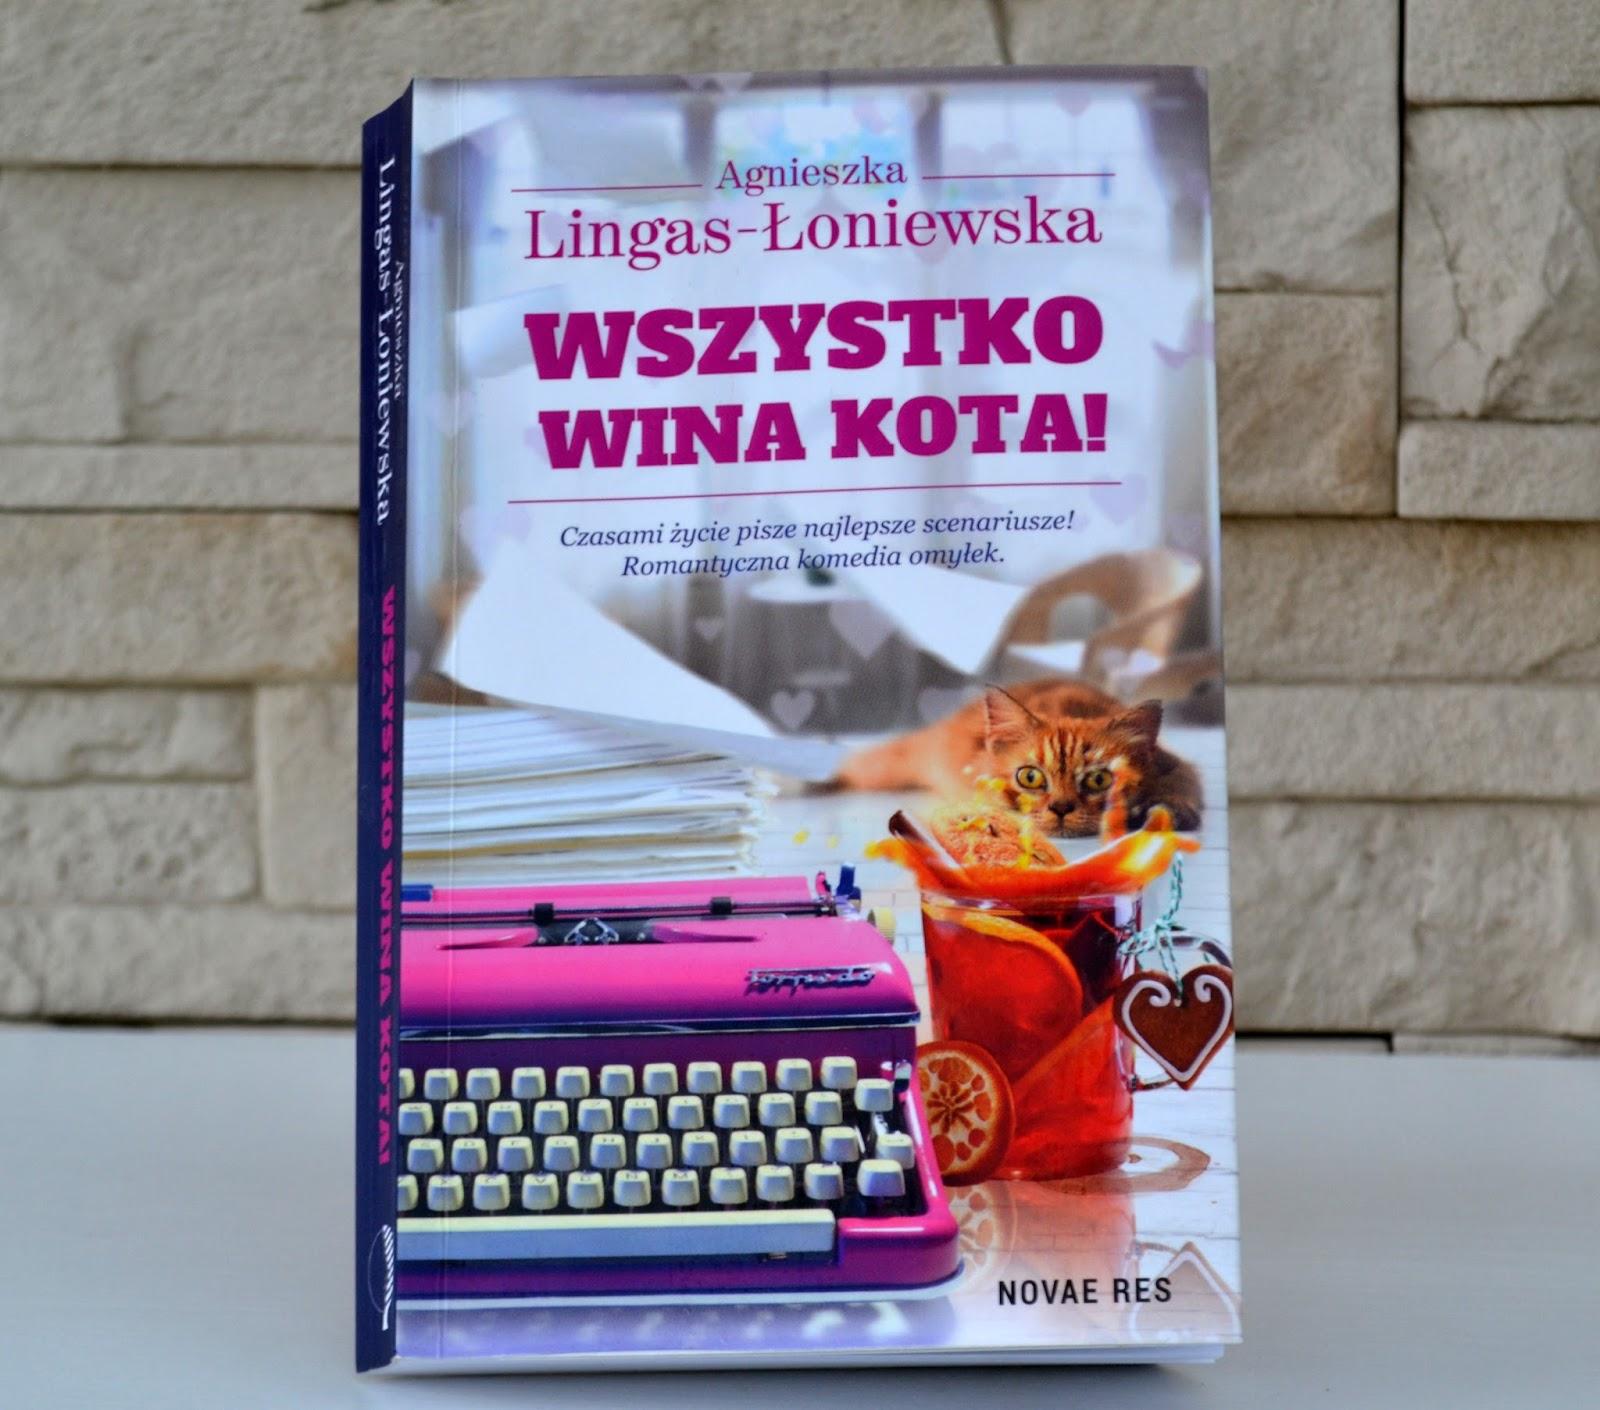 Wszystko wina kota, kubek dla autorki i pierwsza recenzja fajnej książki